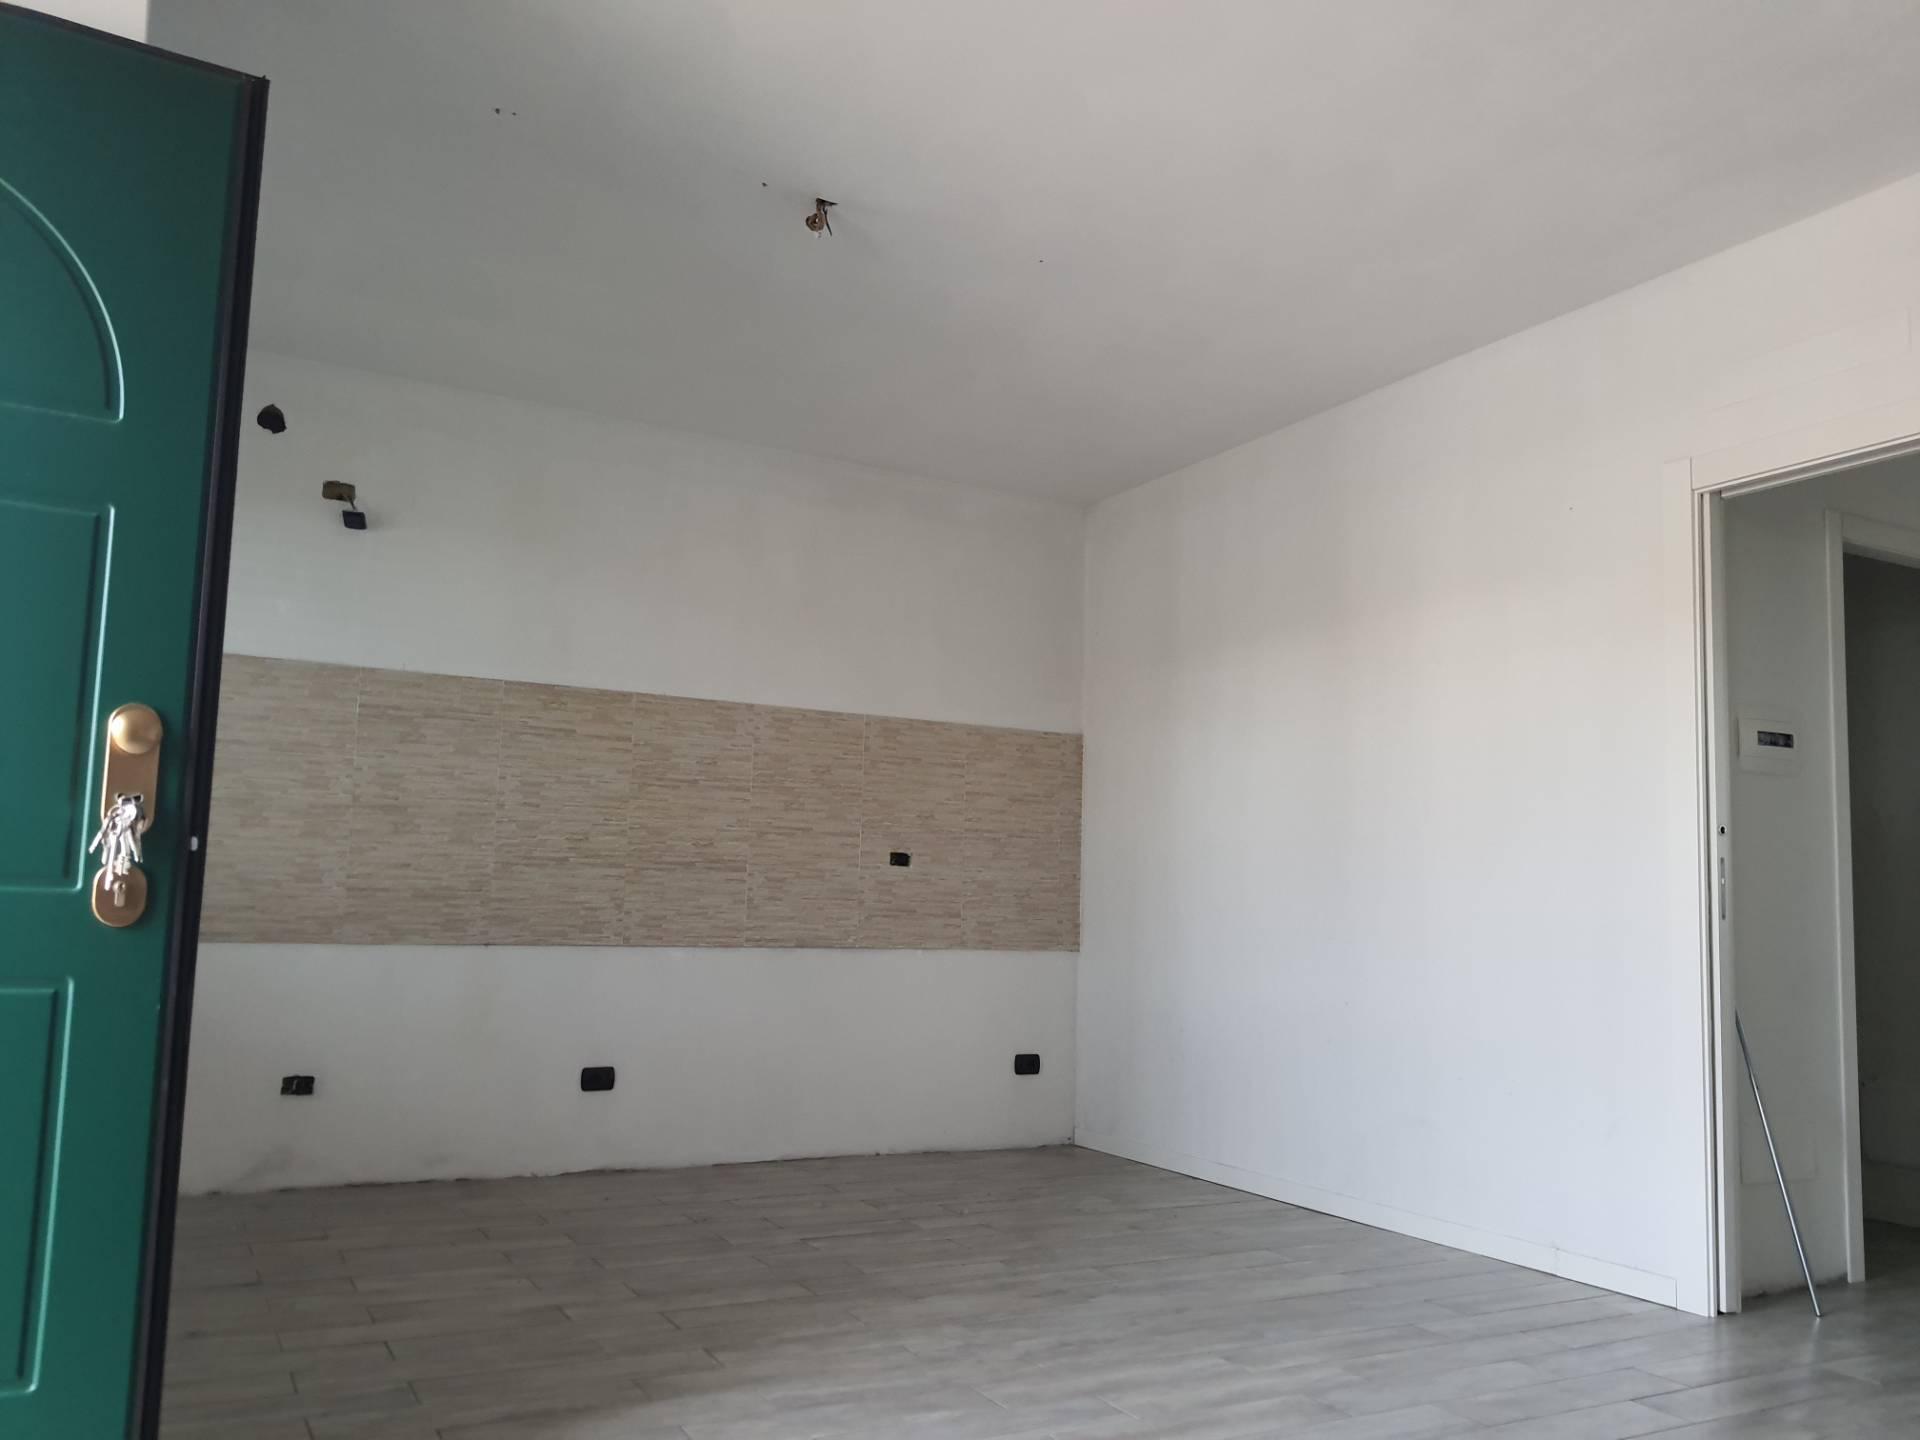 Appartamento in vendita a Santa Croce sull'Arno, 4 locali, prezzo € 230.000 | PortaleAgenzieImmobiliari.it